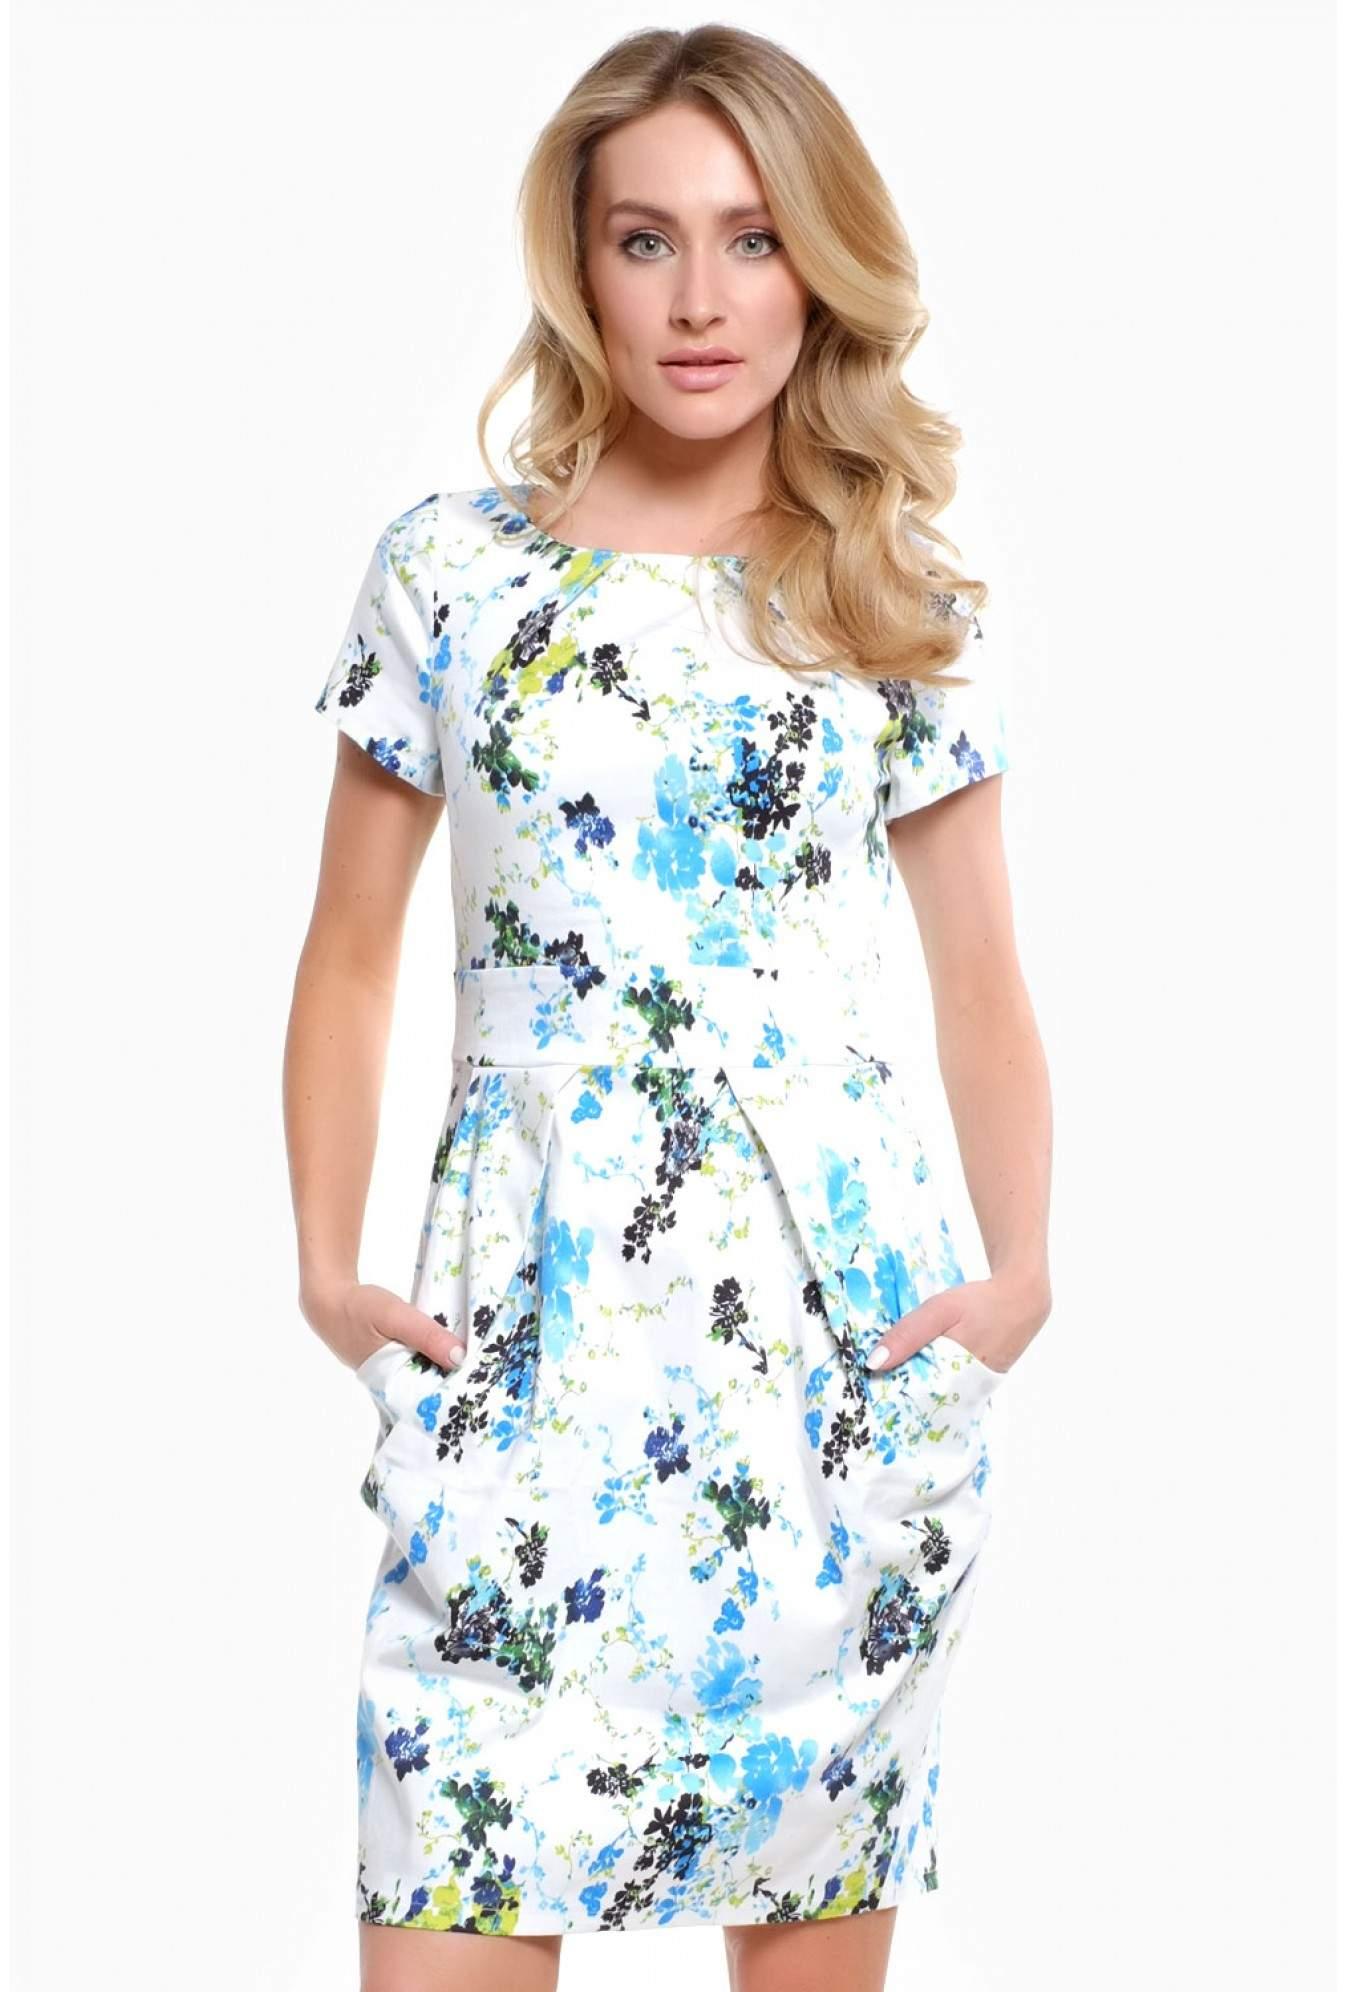 9effc6eca4d iCLOTHING Chloe Floral Print Tulip Dress | iCLOTHING